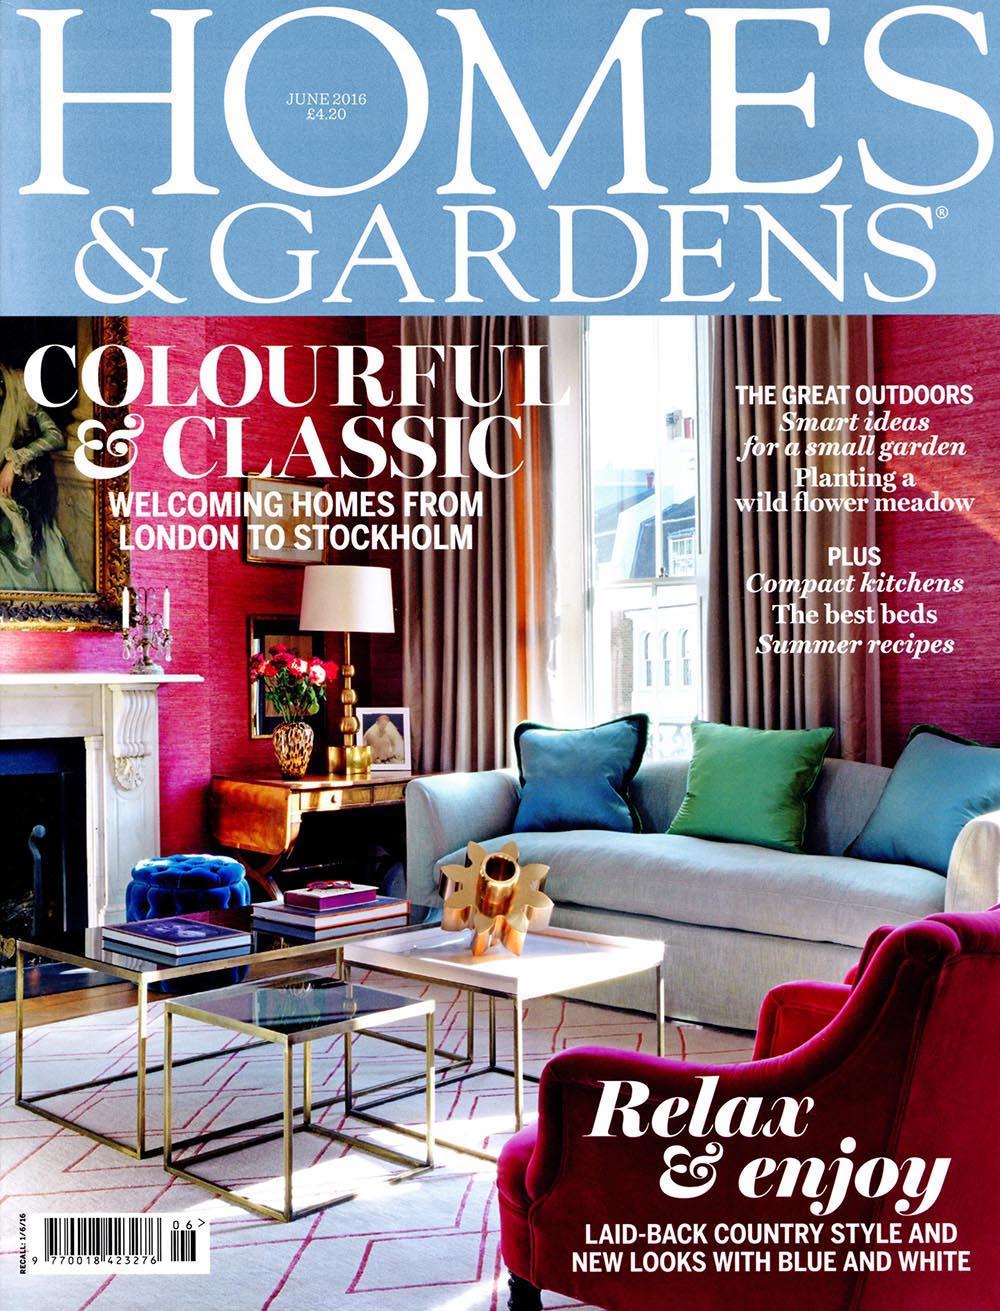 Homes & Gardens June 2016